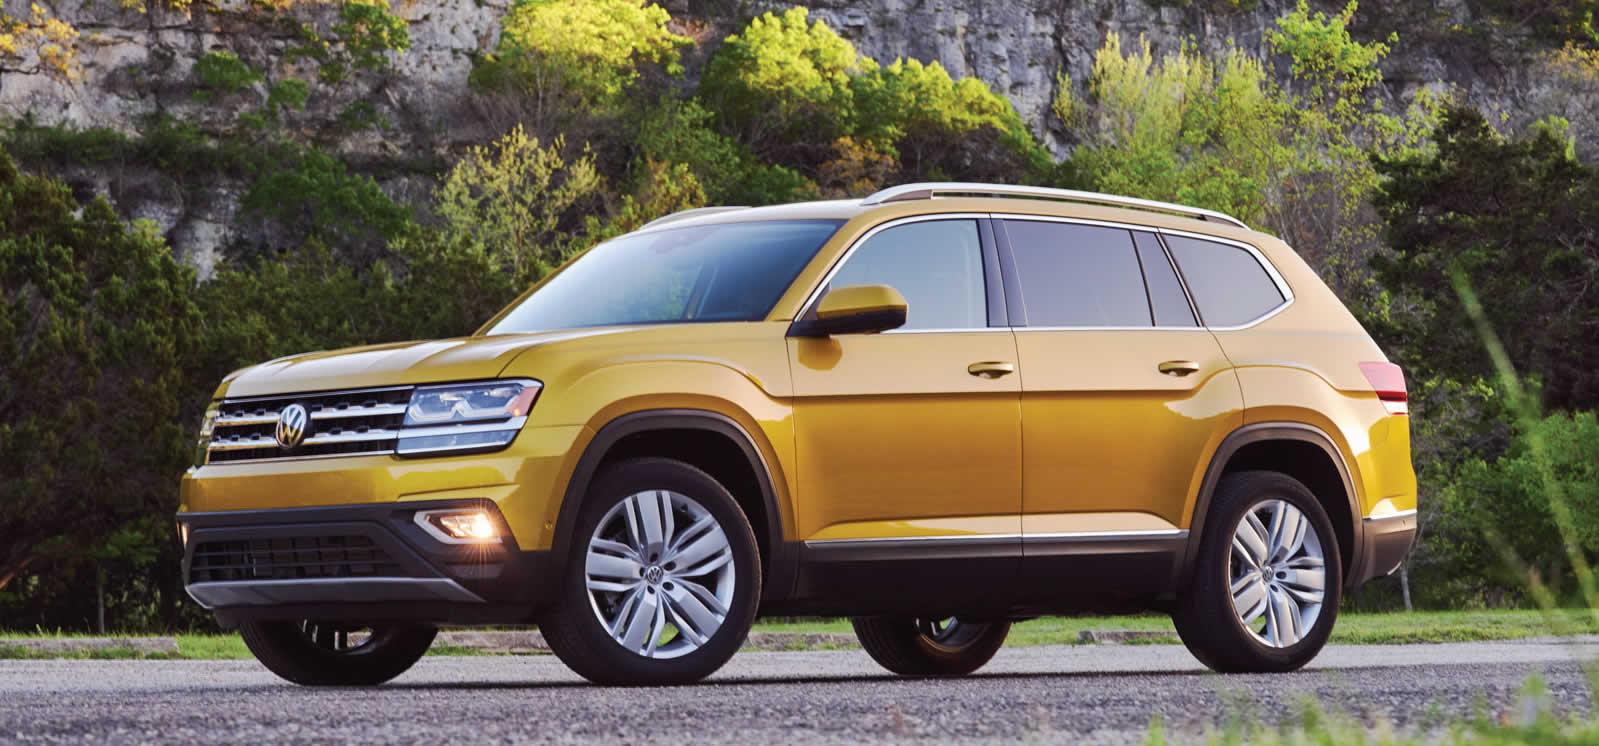 international-autosource-acheter-louer-leasing-voiture-etats-unis-expatrie-d-03-2020